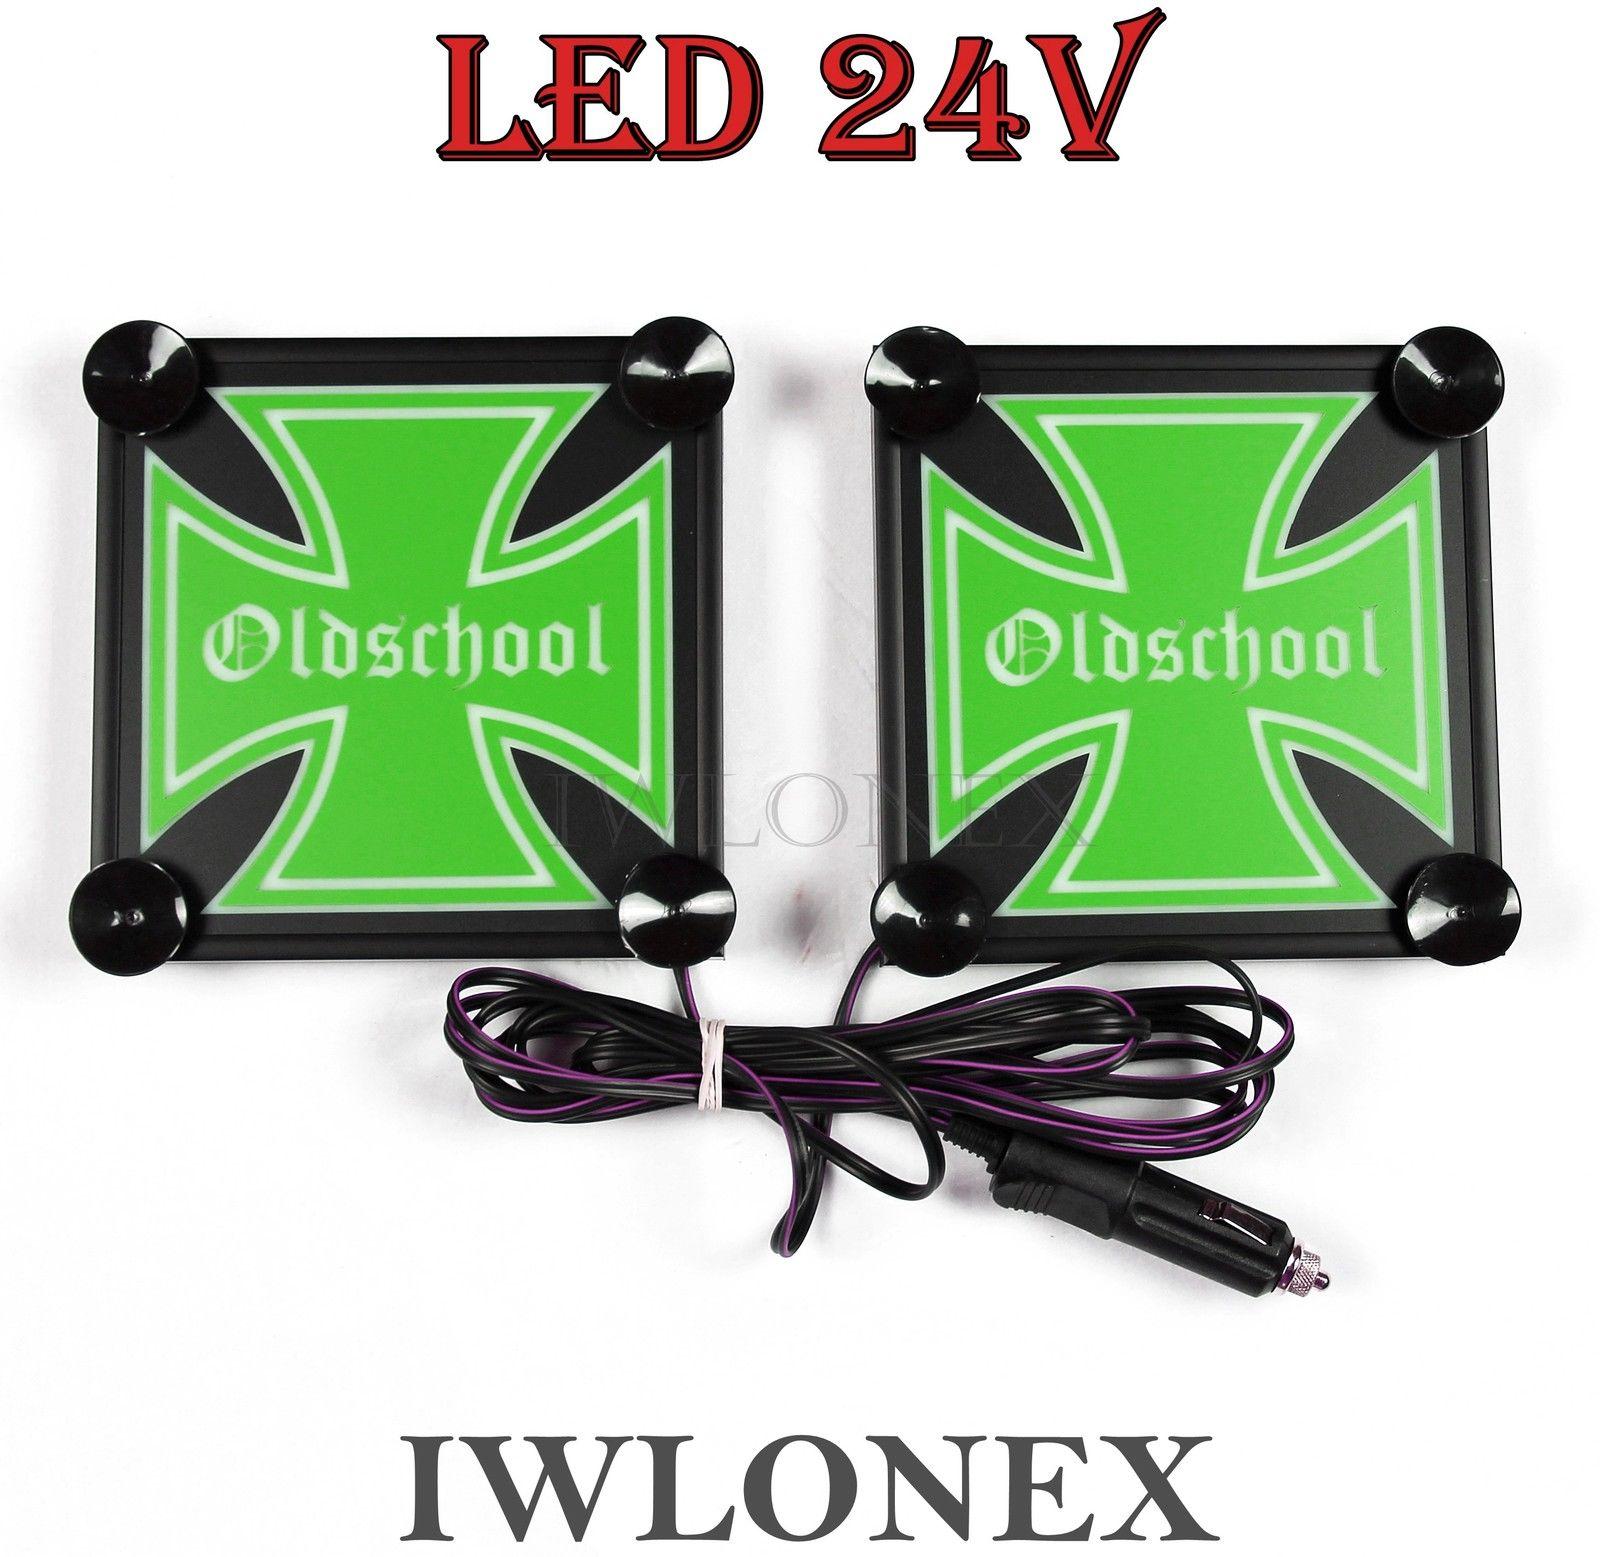 s l1600 - 1 Paar LKW LED Leuchtschilder 24V Eiserne Kreuz